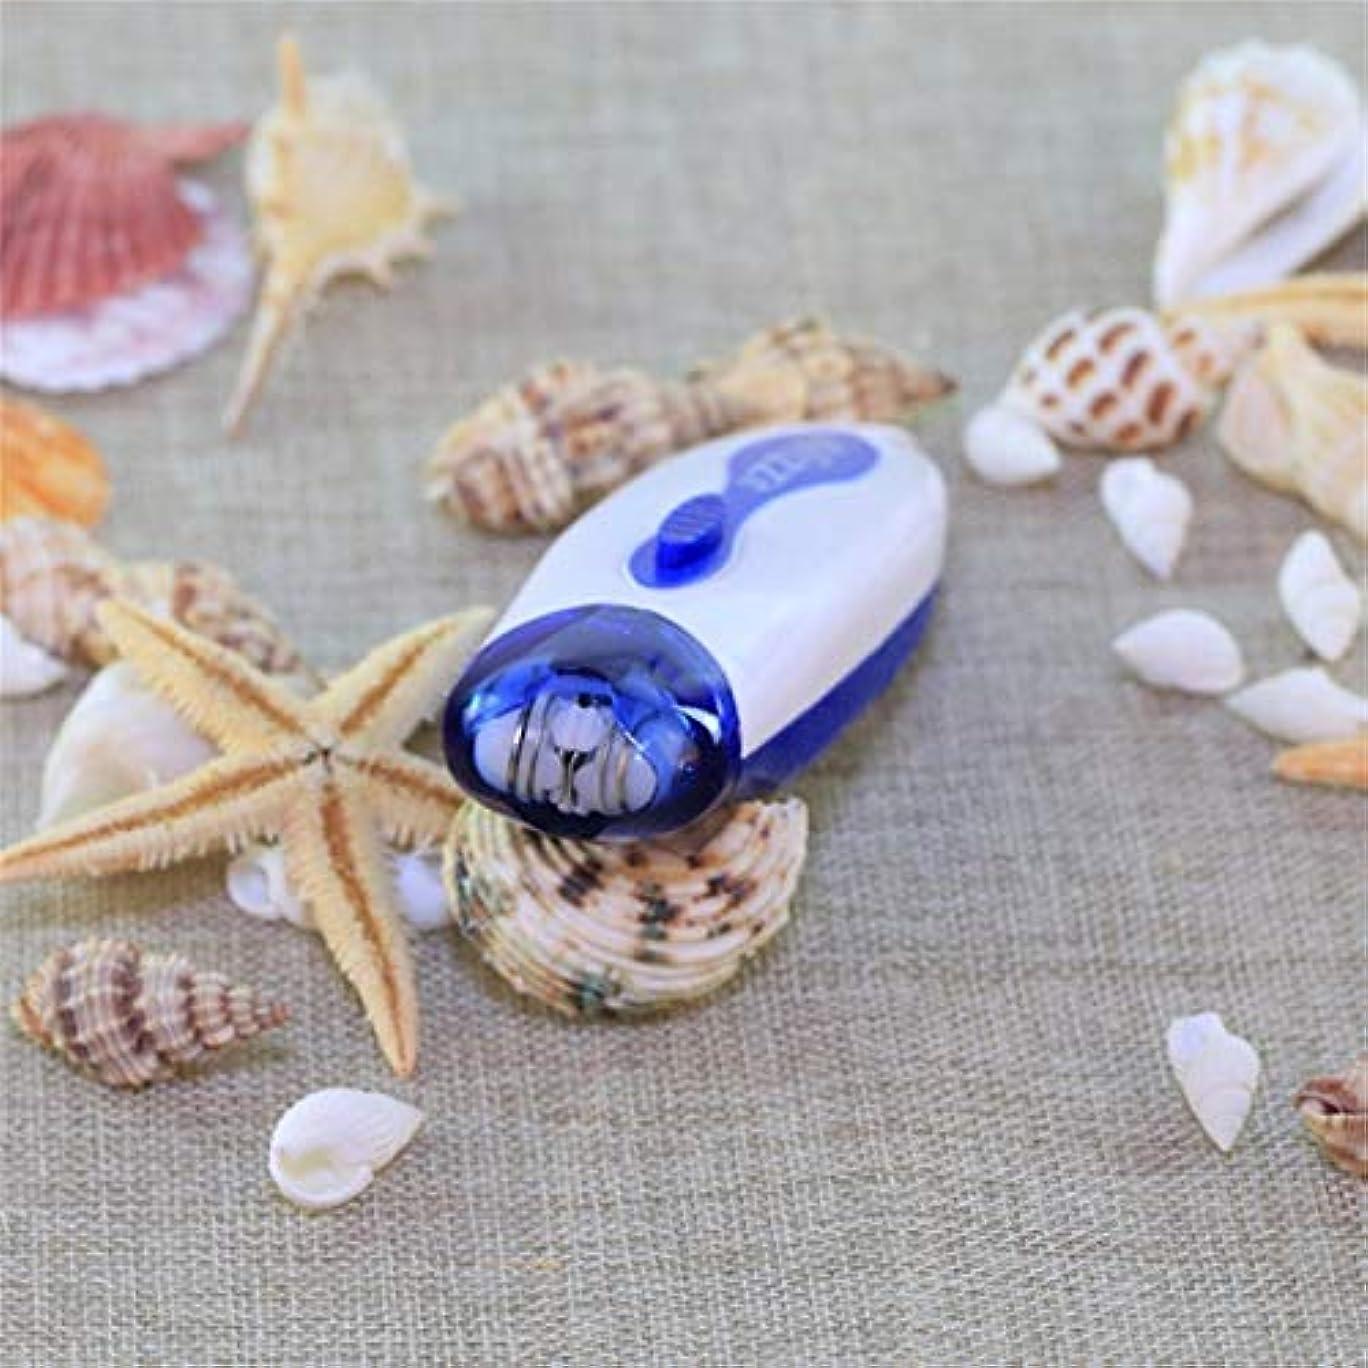 忠実な触覚うねるWizzit Electric Epilator Hair Shaving Device Tweezers Hair Removal Epilator Remover Depilating Machine Tool